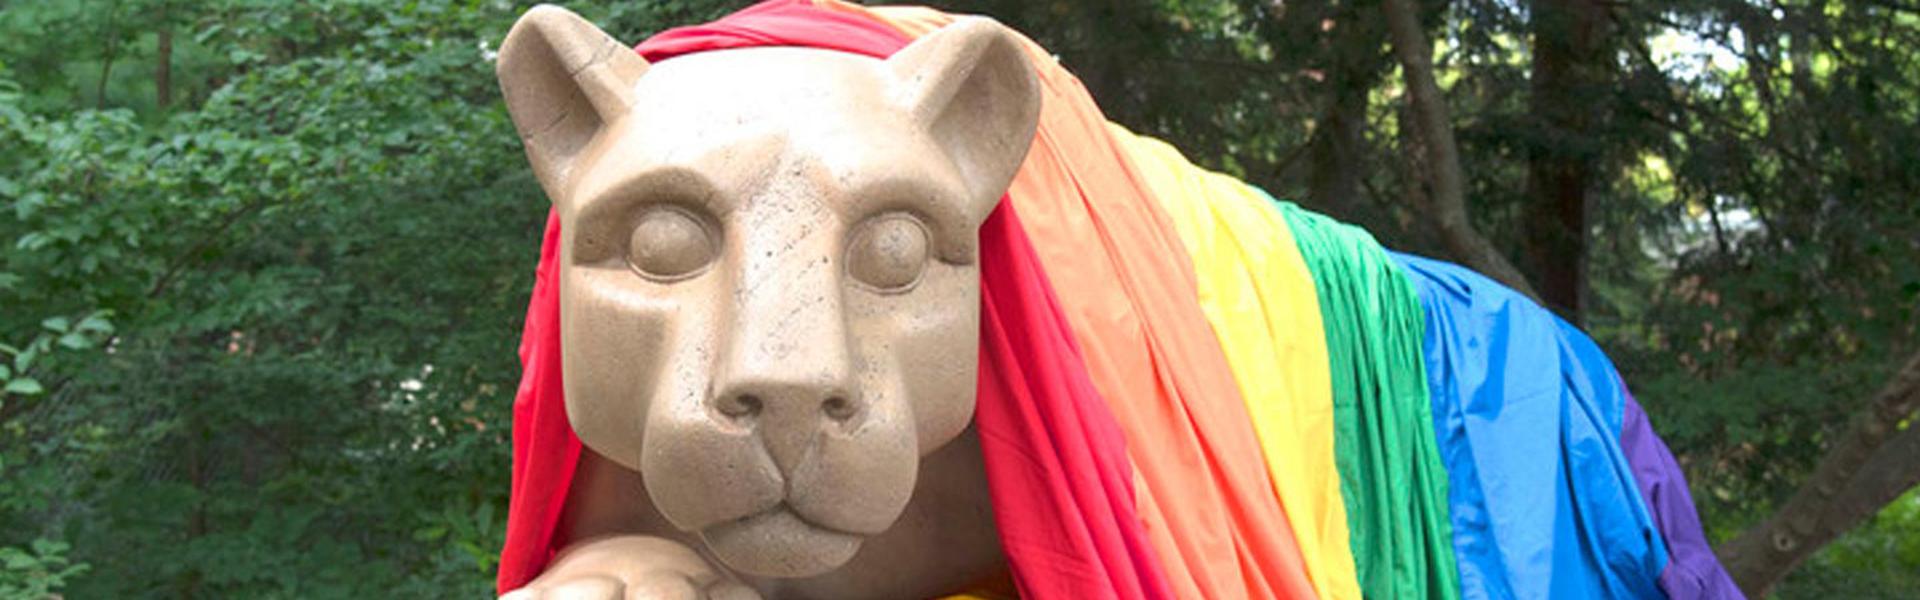 Lion with rainbow flag